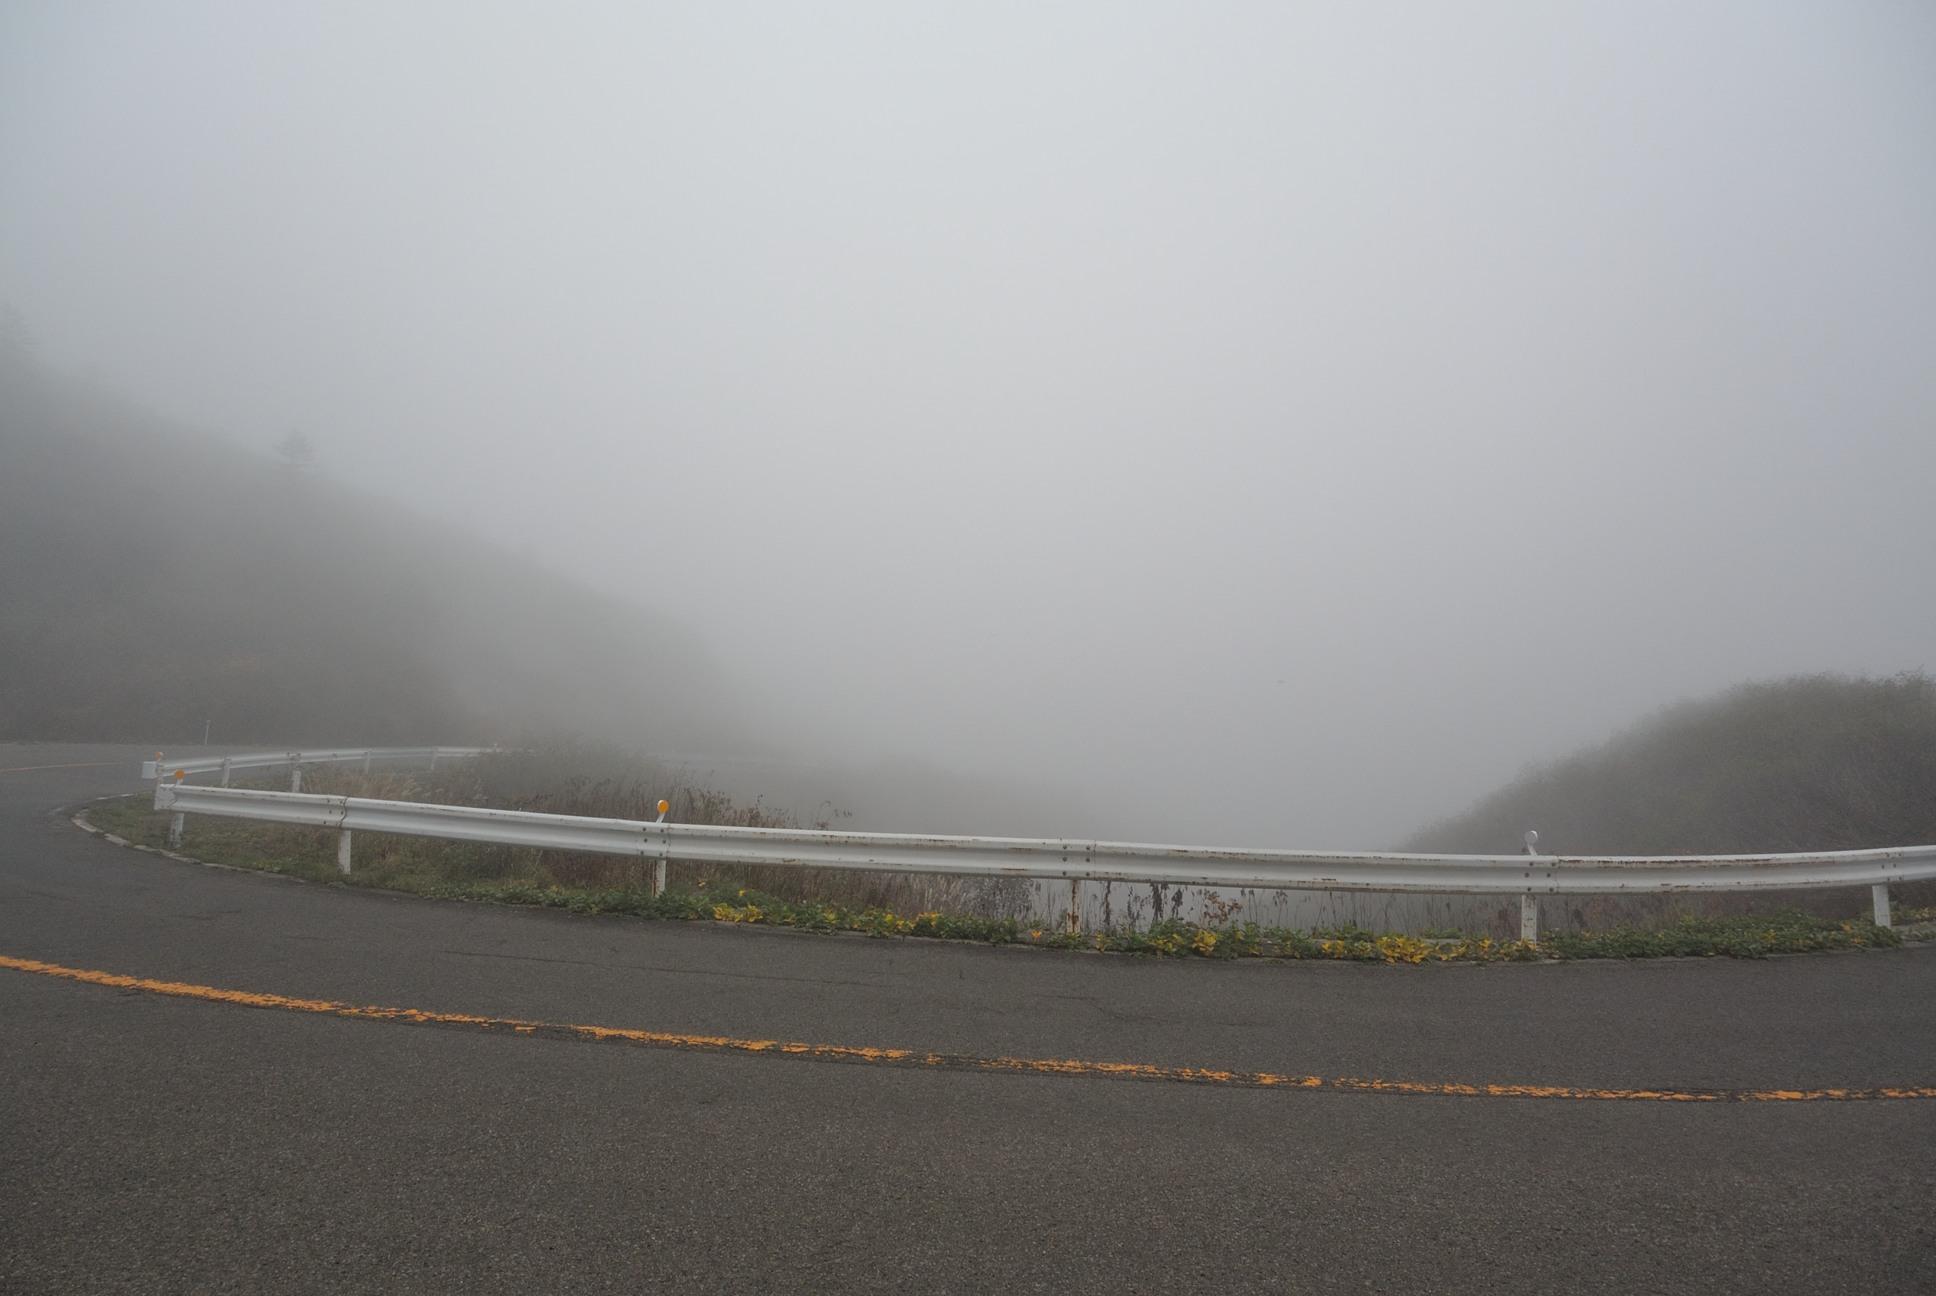 五里霧中ってこういうことを言うんだろうな